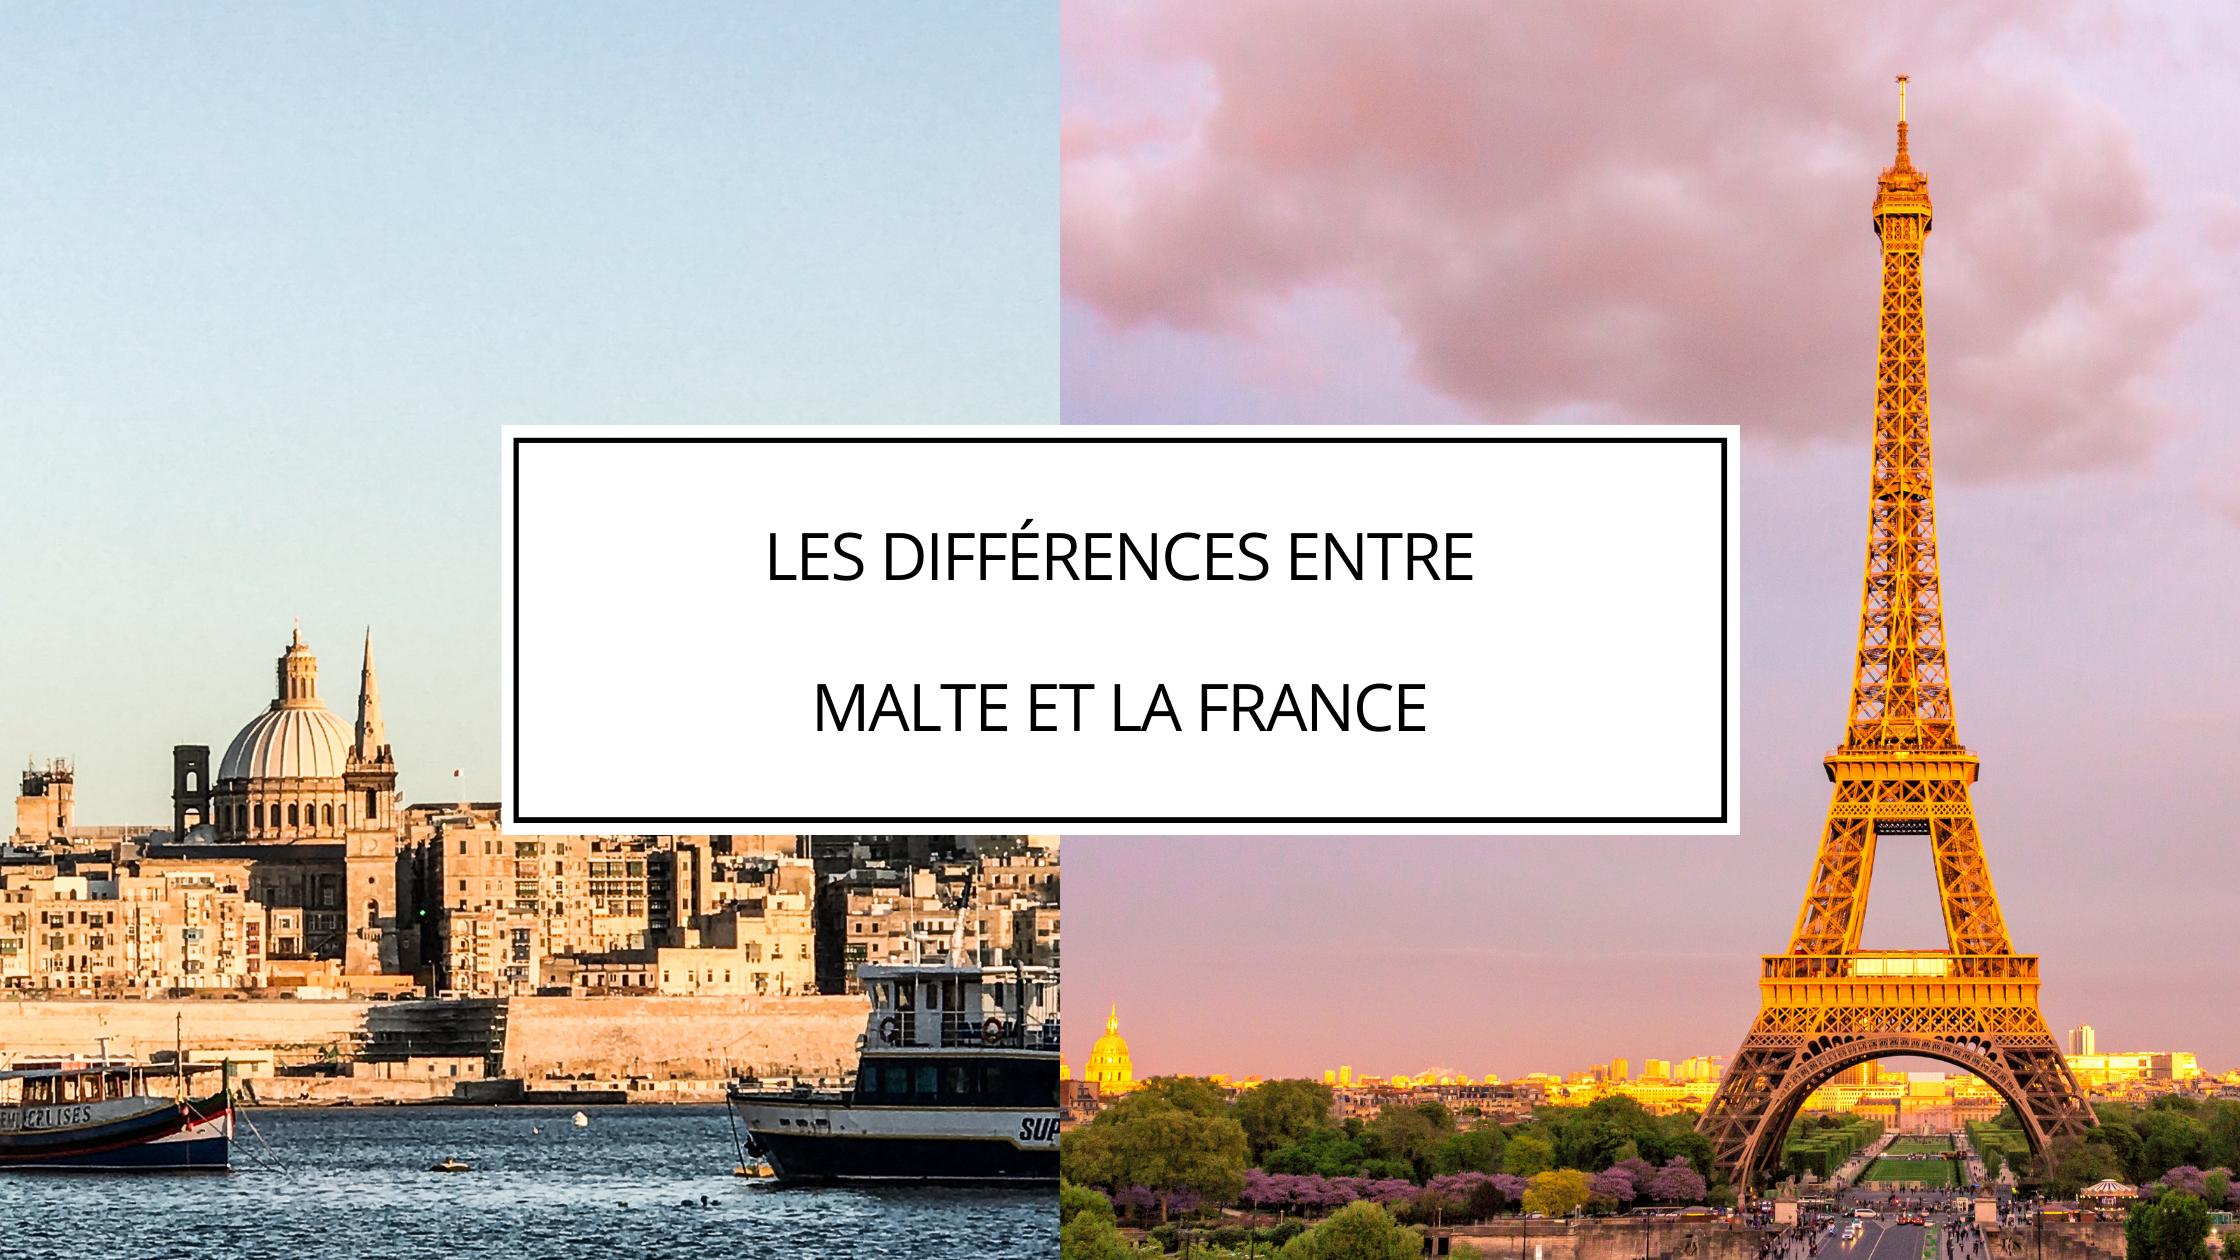 Les différences entre Malte et la France